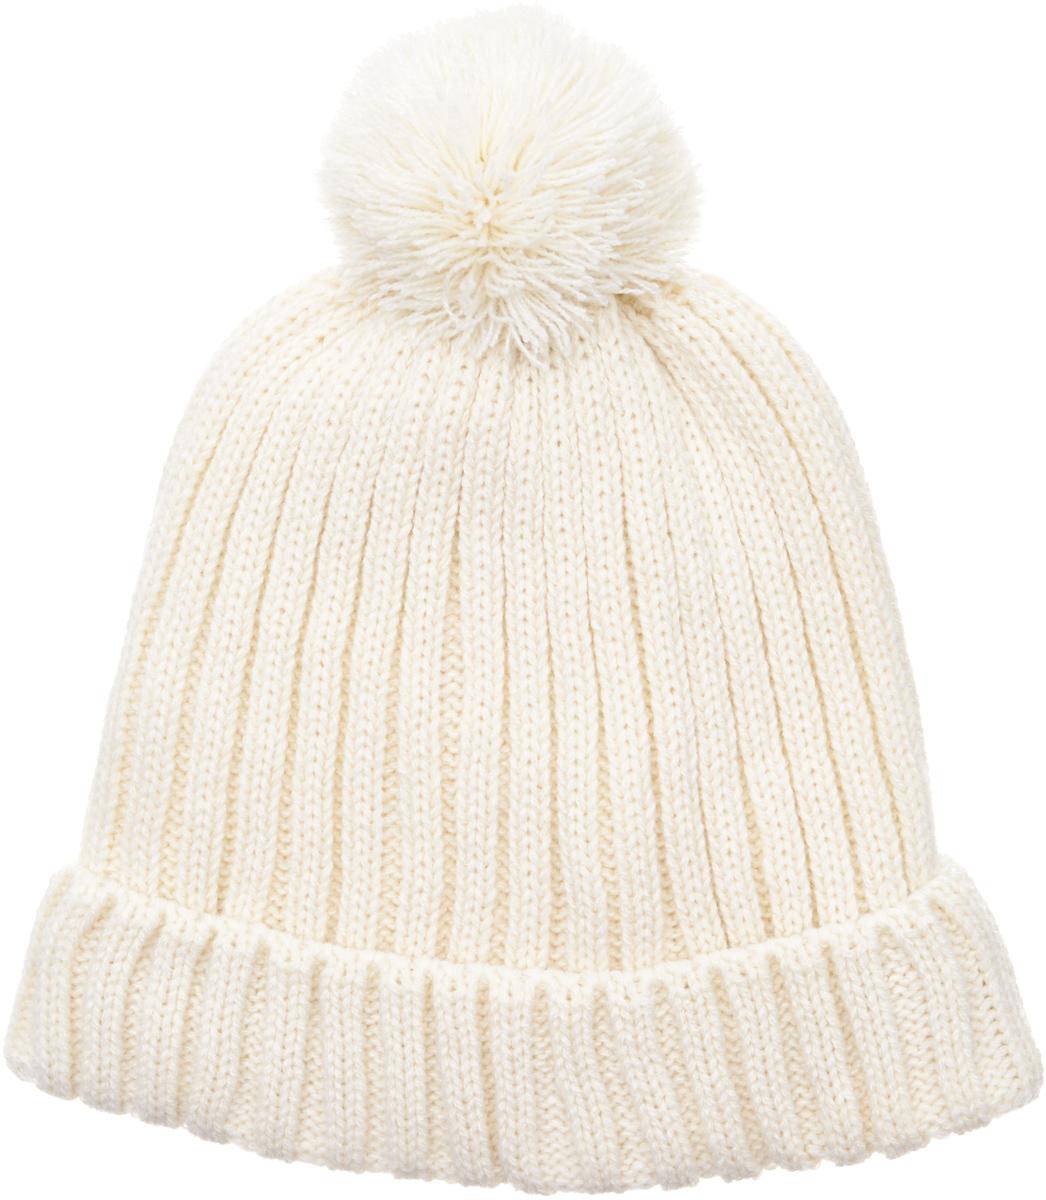 Шапка для девочки Button Blue, цвет: молочный. 217BBGX73021400. Размер 56217BBGX73021400Детские вязаные шапки на подкладке из флиса - необходимый атрибут прогулочного гардероба. К тому же, они отлично украшают и завершают осенне-зимний комплект. Купить модную шапку для девочки, значит, позаботиться о комфорте и хорошем настроении ребенка.